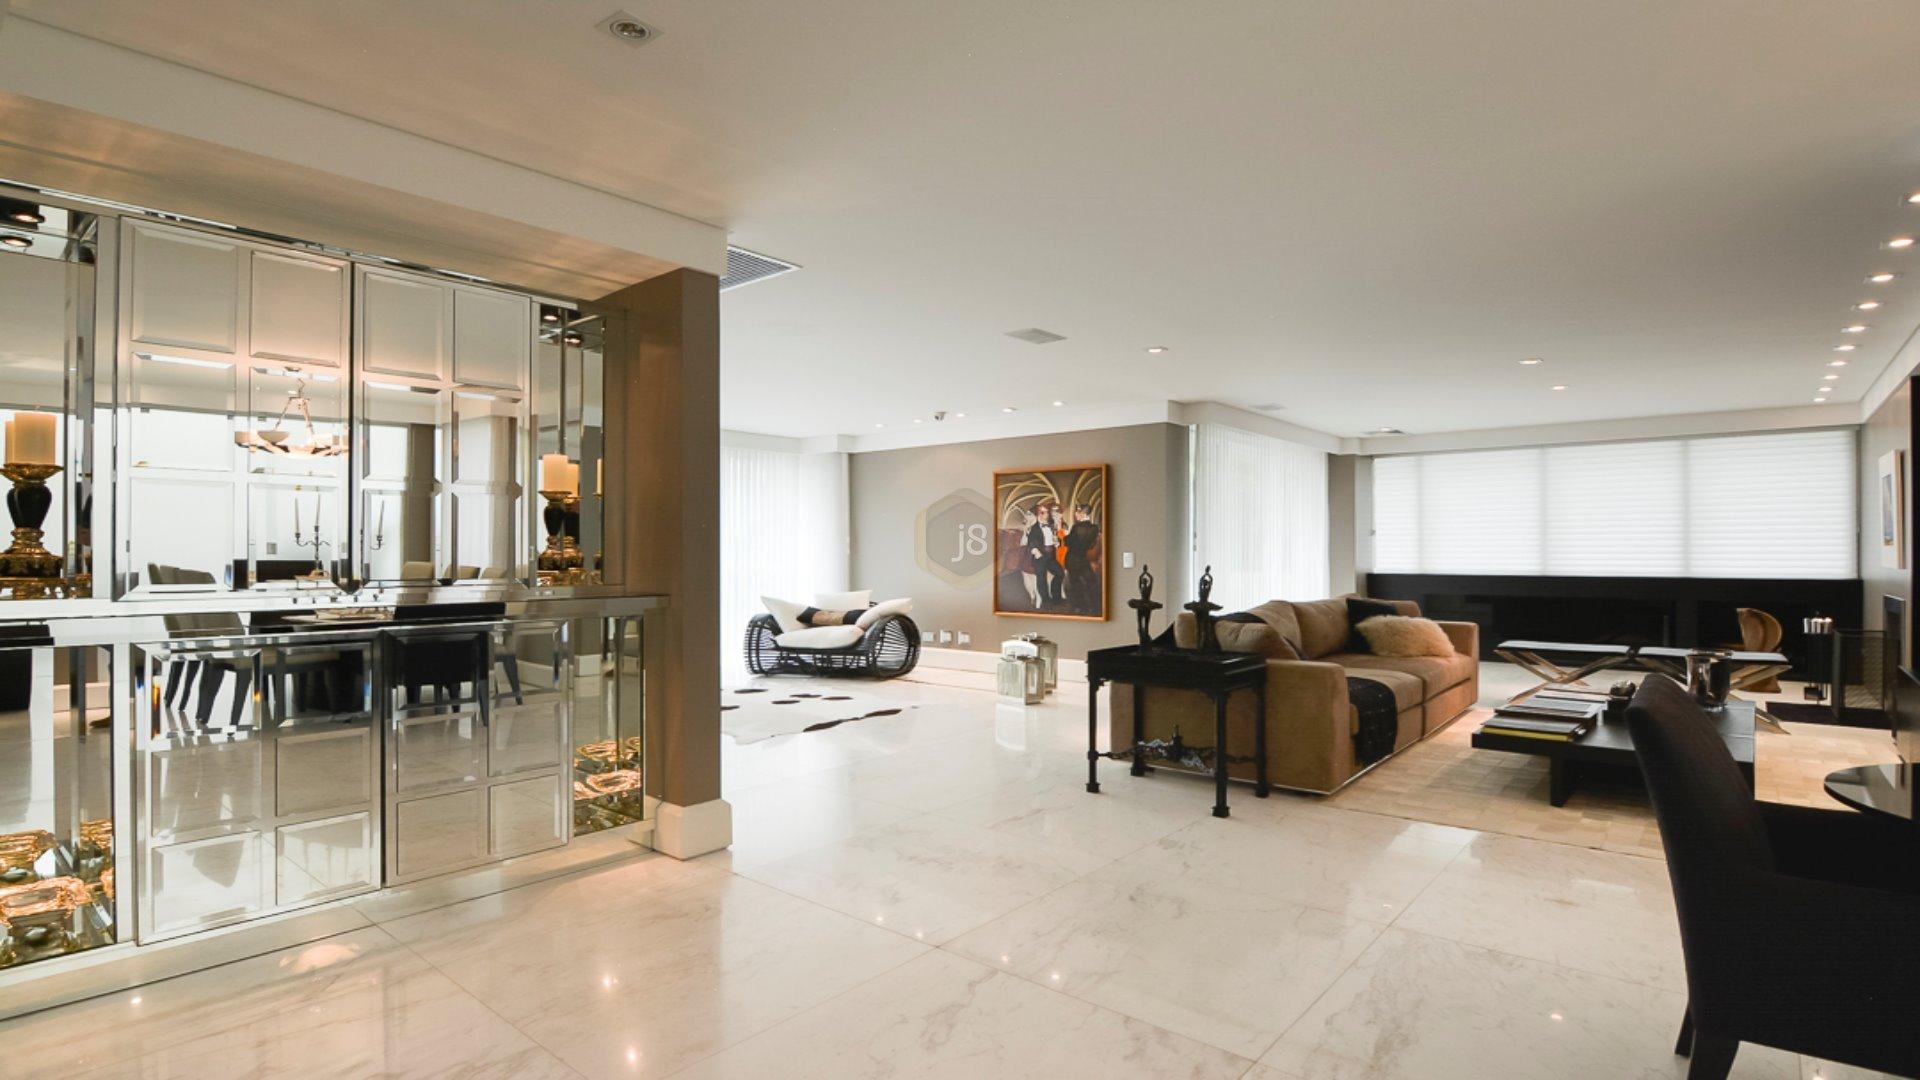 Foto de destaque Exclusivo apartamento no ecoville ! área útil diferenciada !